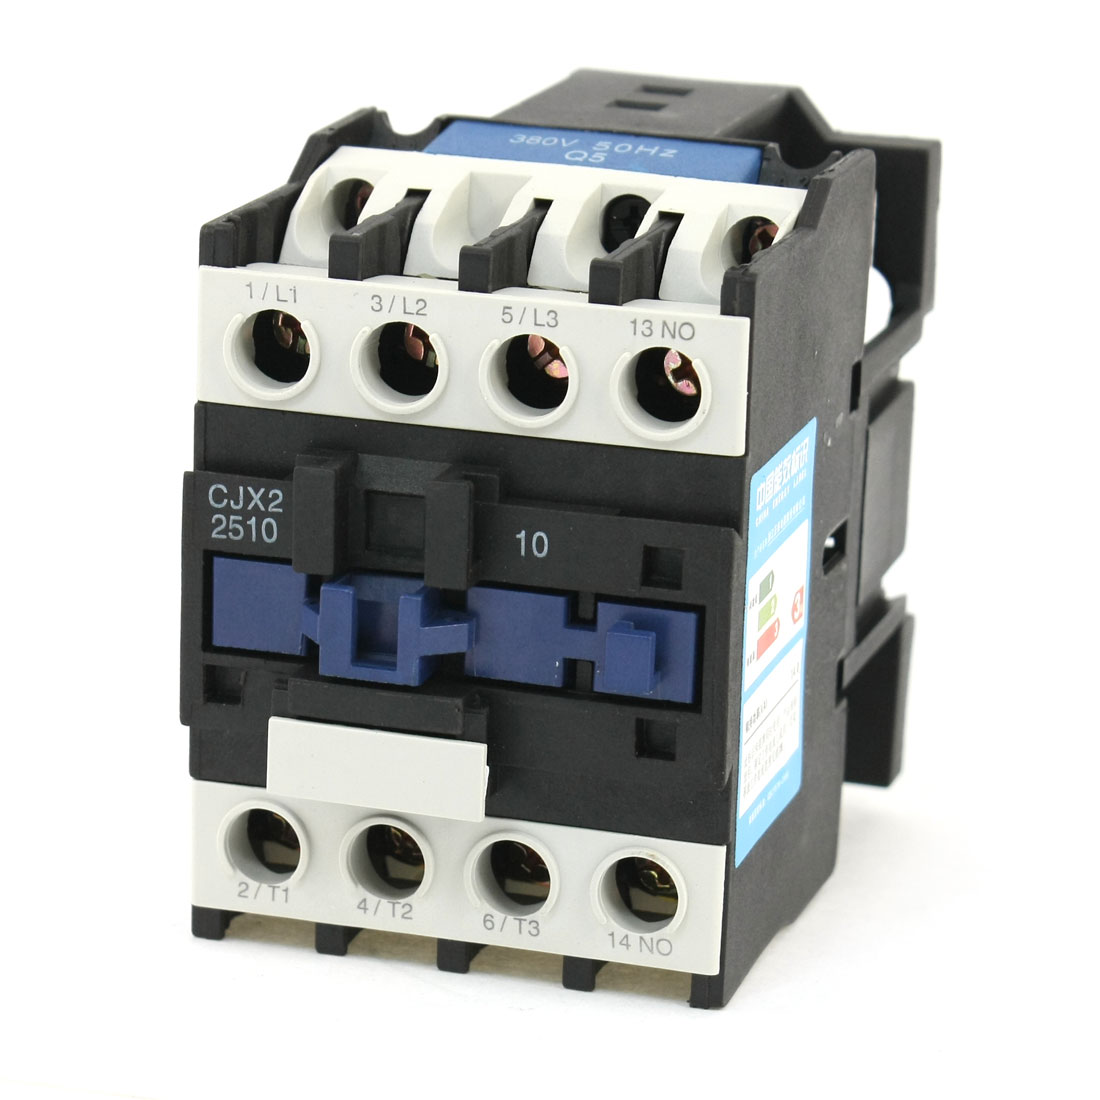 CJX2-25 Motor Control 3 Poles 1 NO Coil Volt 380V AC Contactor